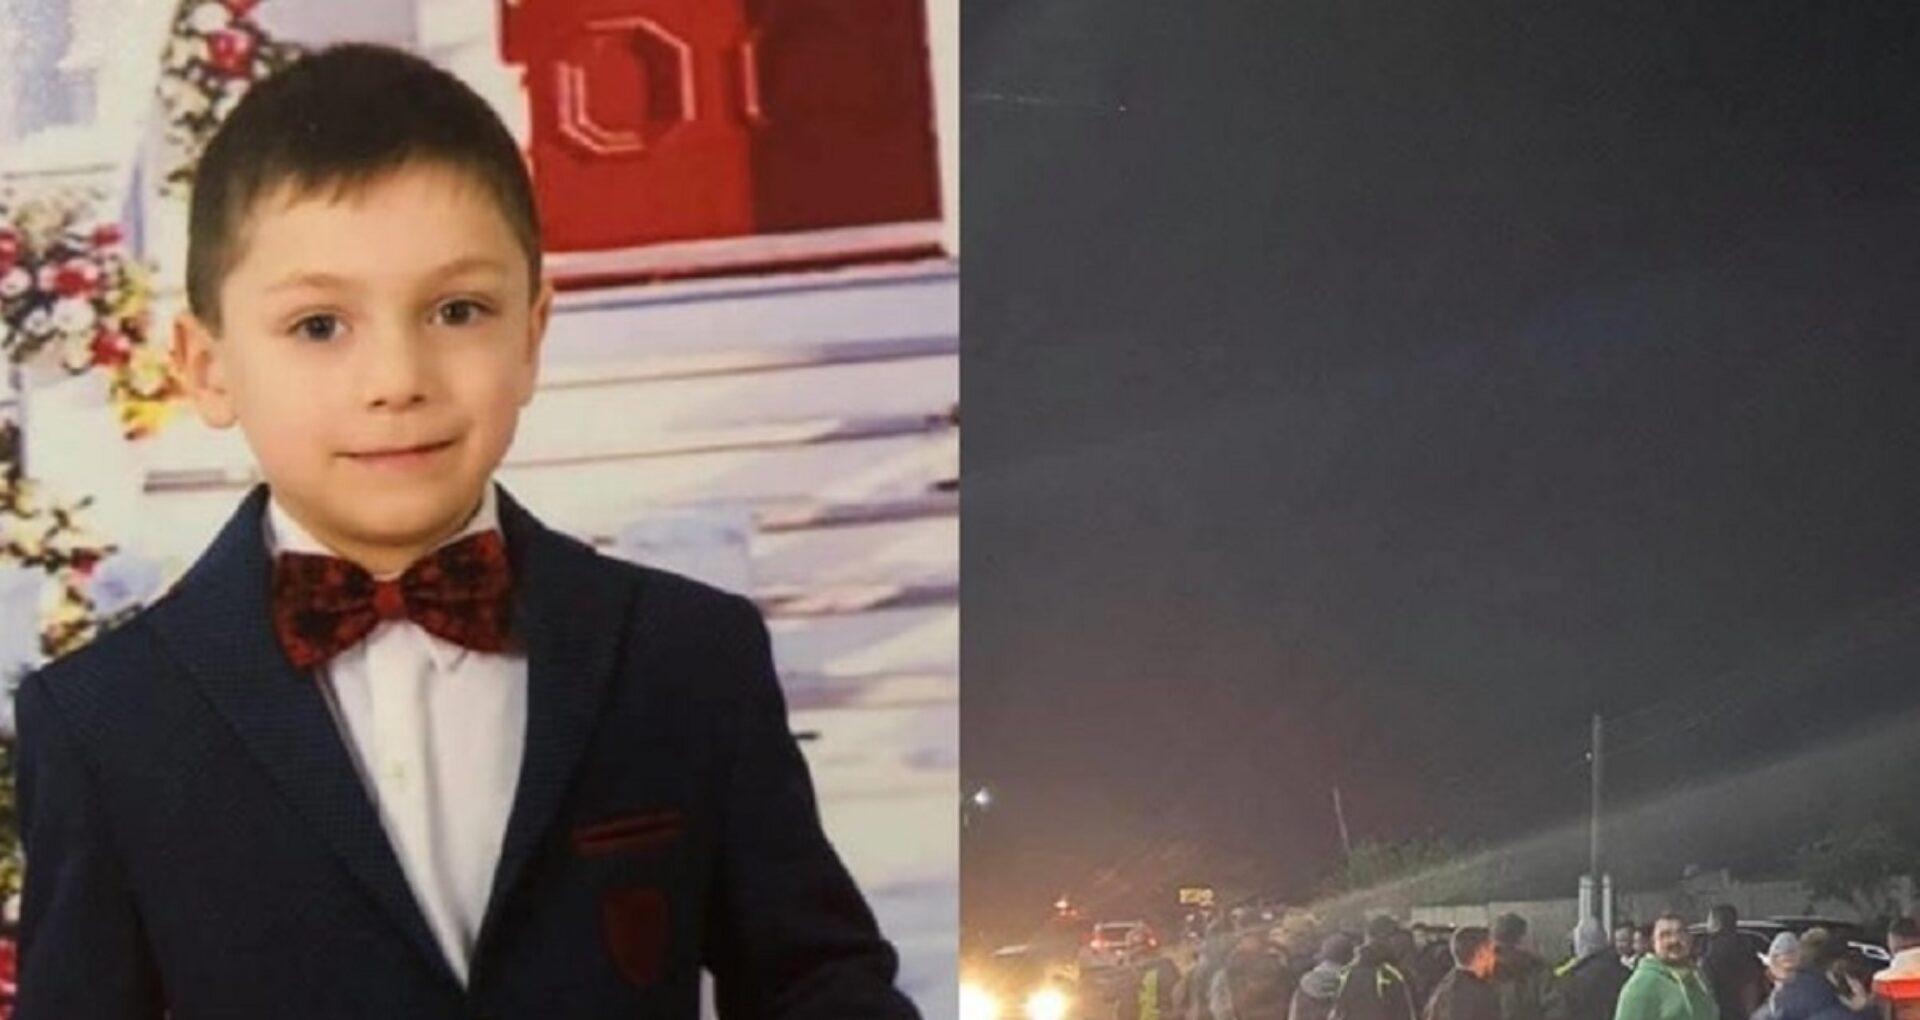 Băiatul dispărut de la Hâncești: Ce afirmă mama, primarul și poliția după două zile de căutări